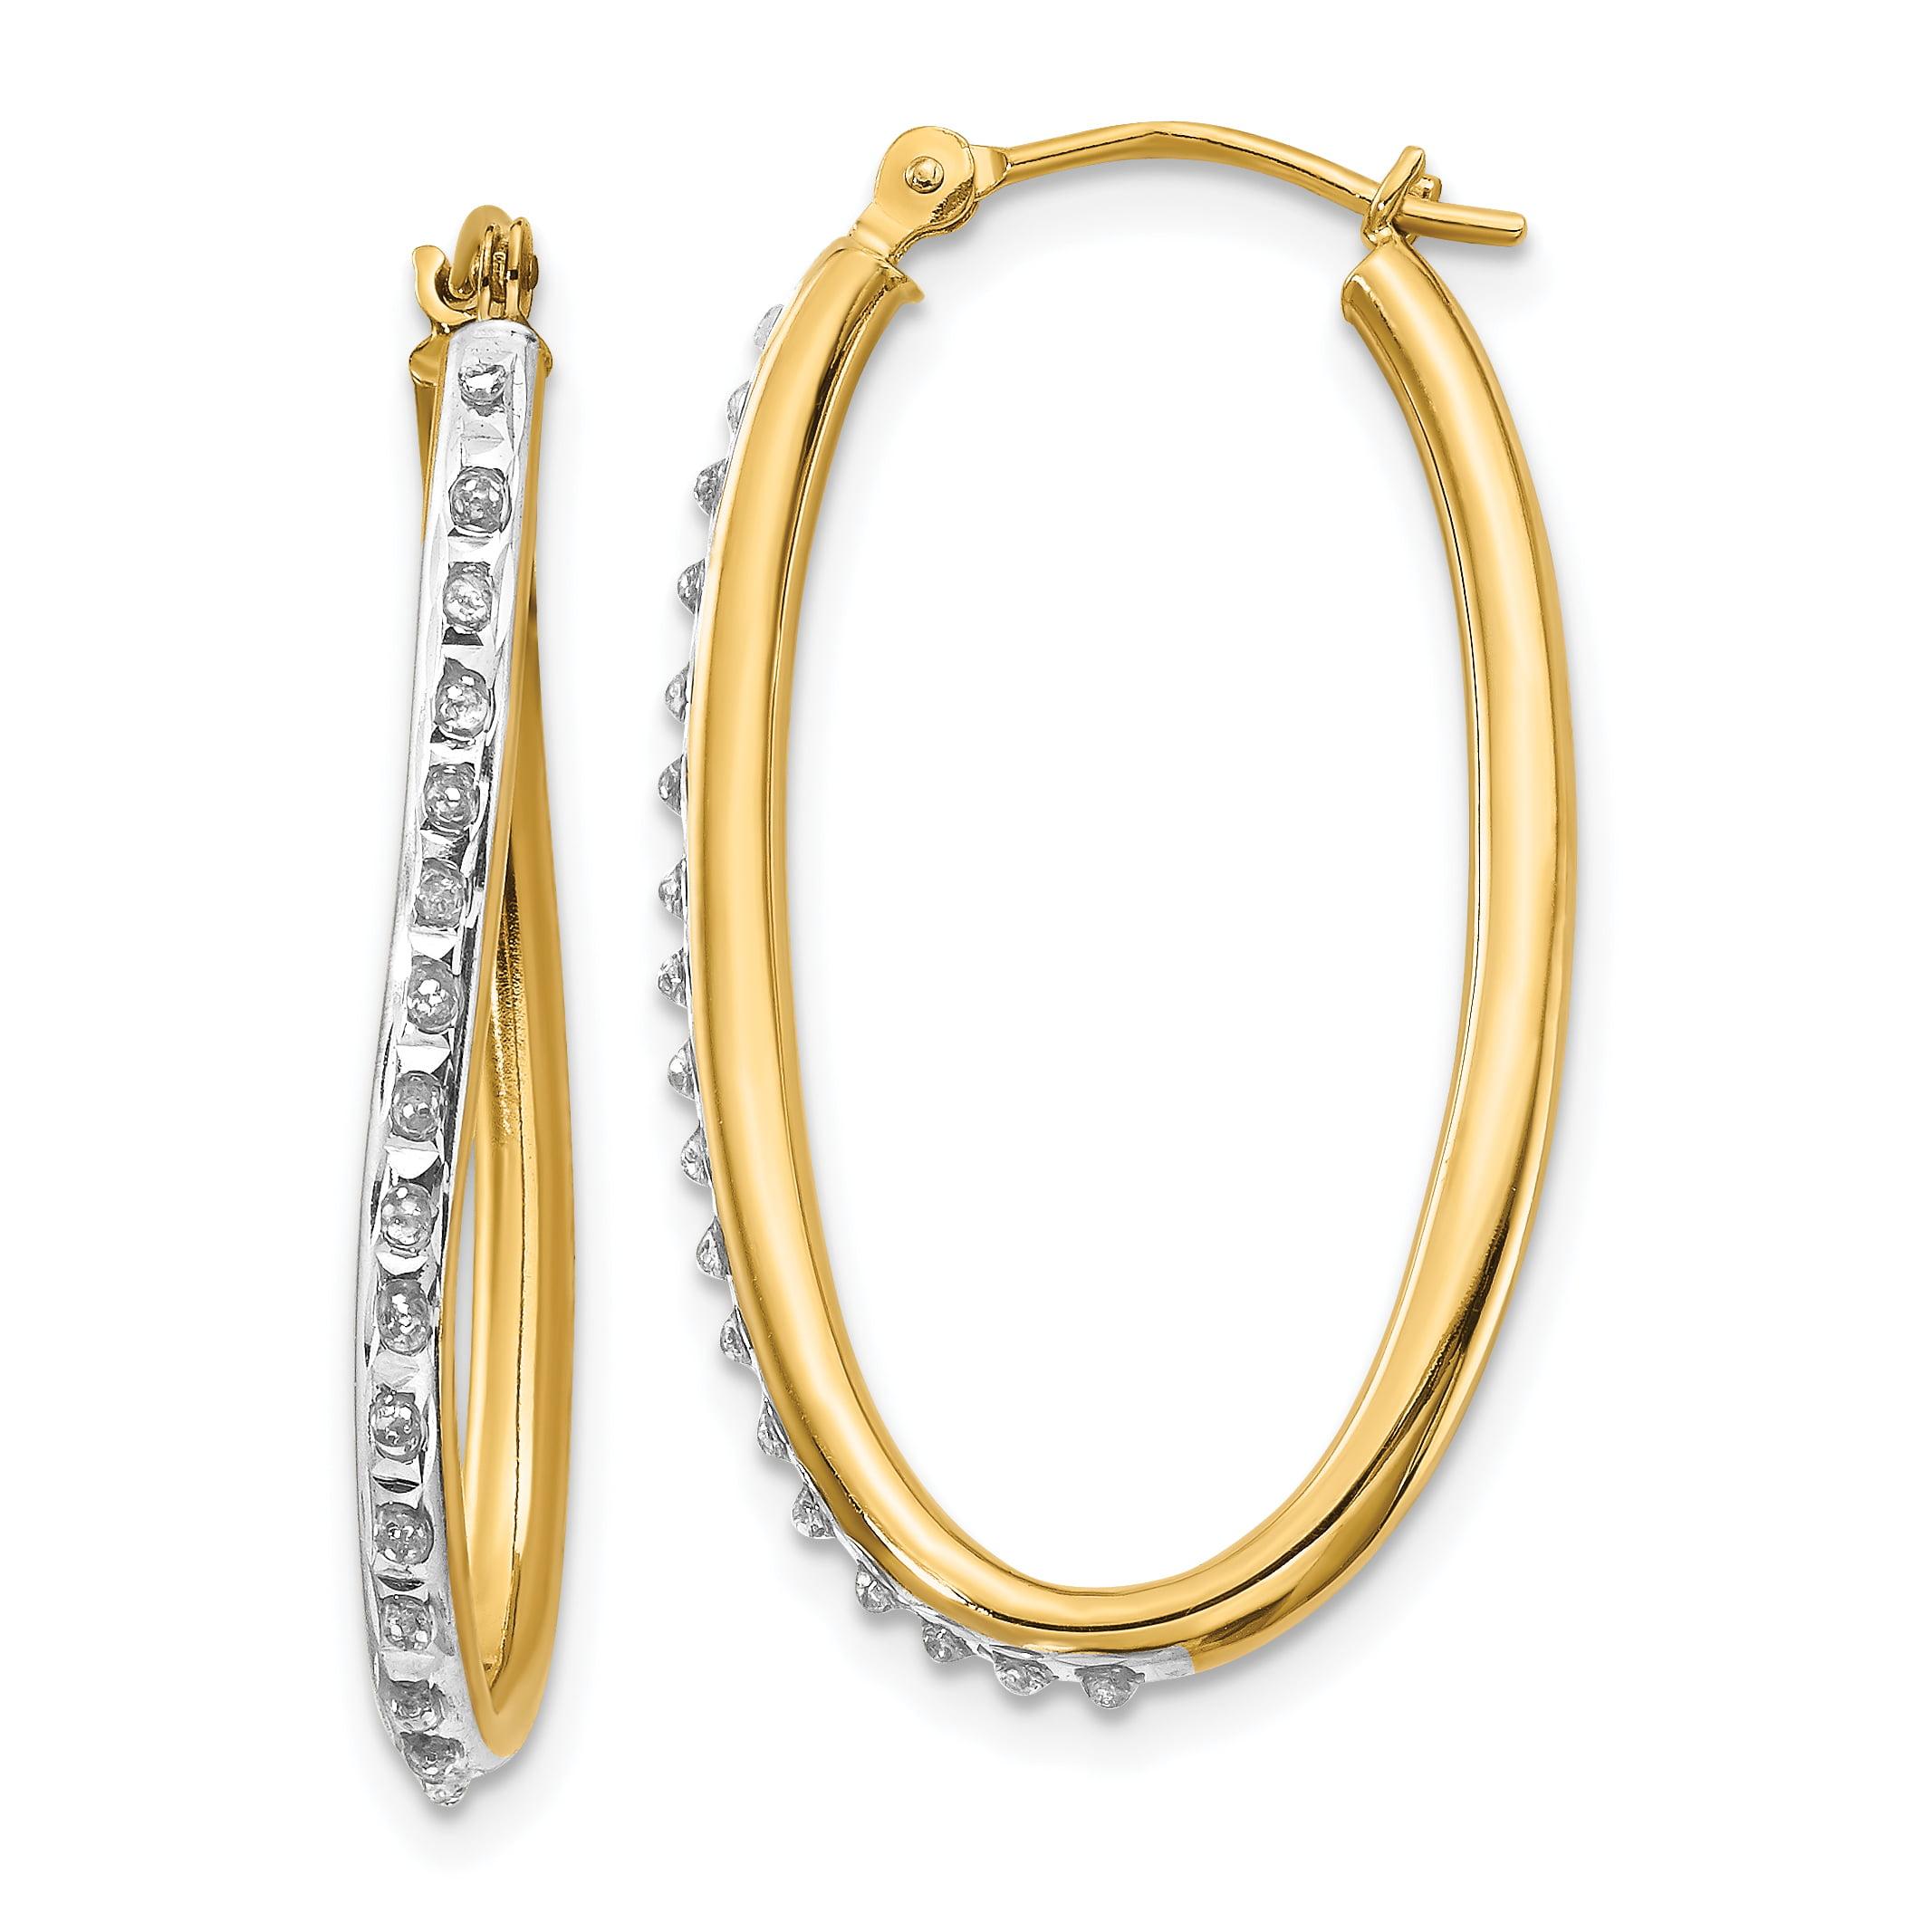 14k Yellow Gold Diamond Fascination Oval Twist Hoop Earrings Ear Hoops Set Fine Jewelry Gifts For Women For Her - image 2 de 2